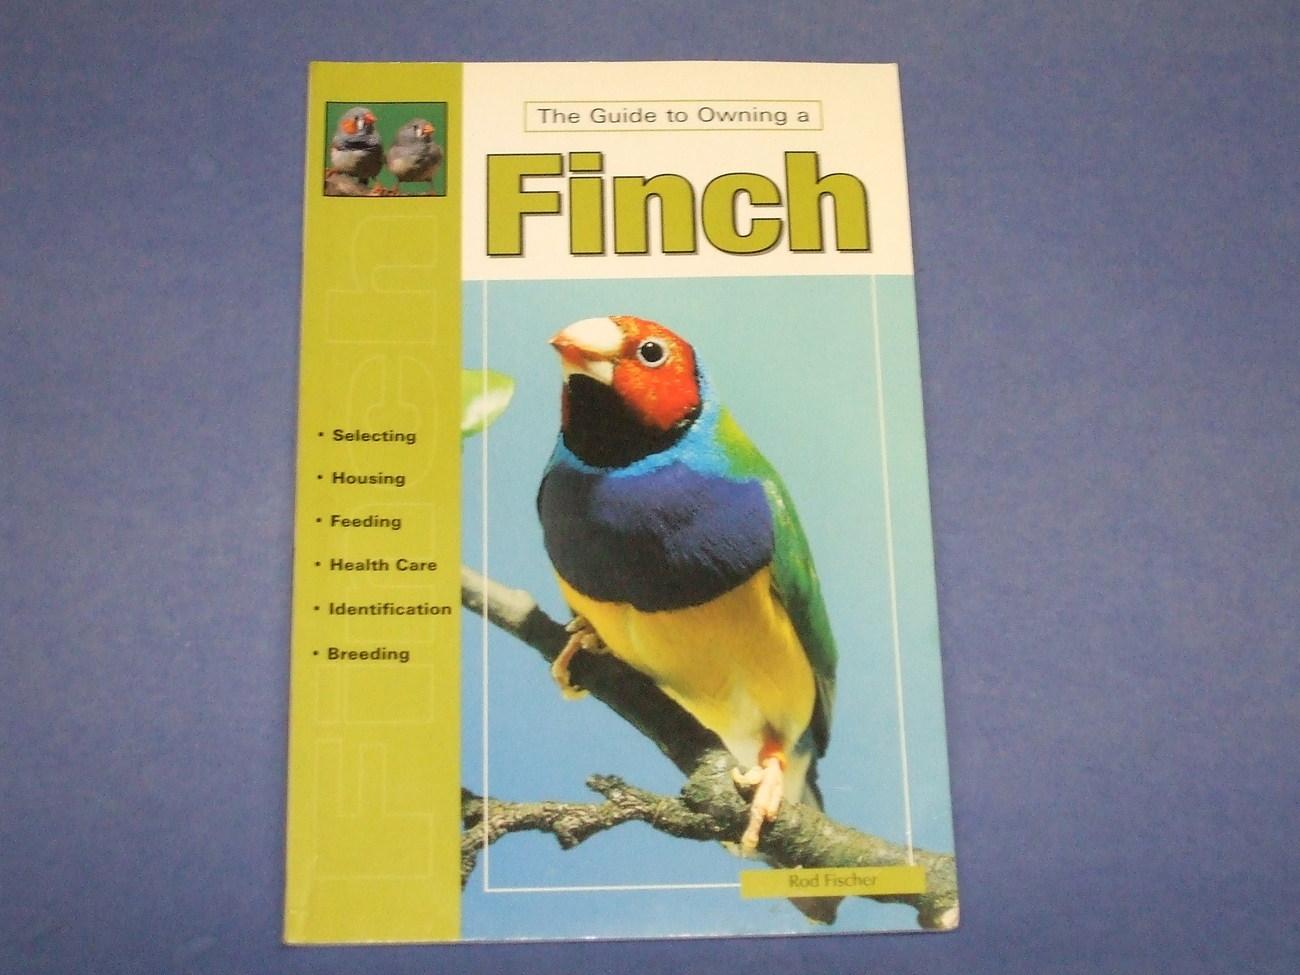 Finch book